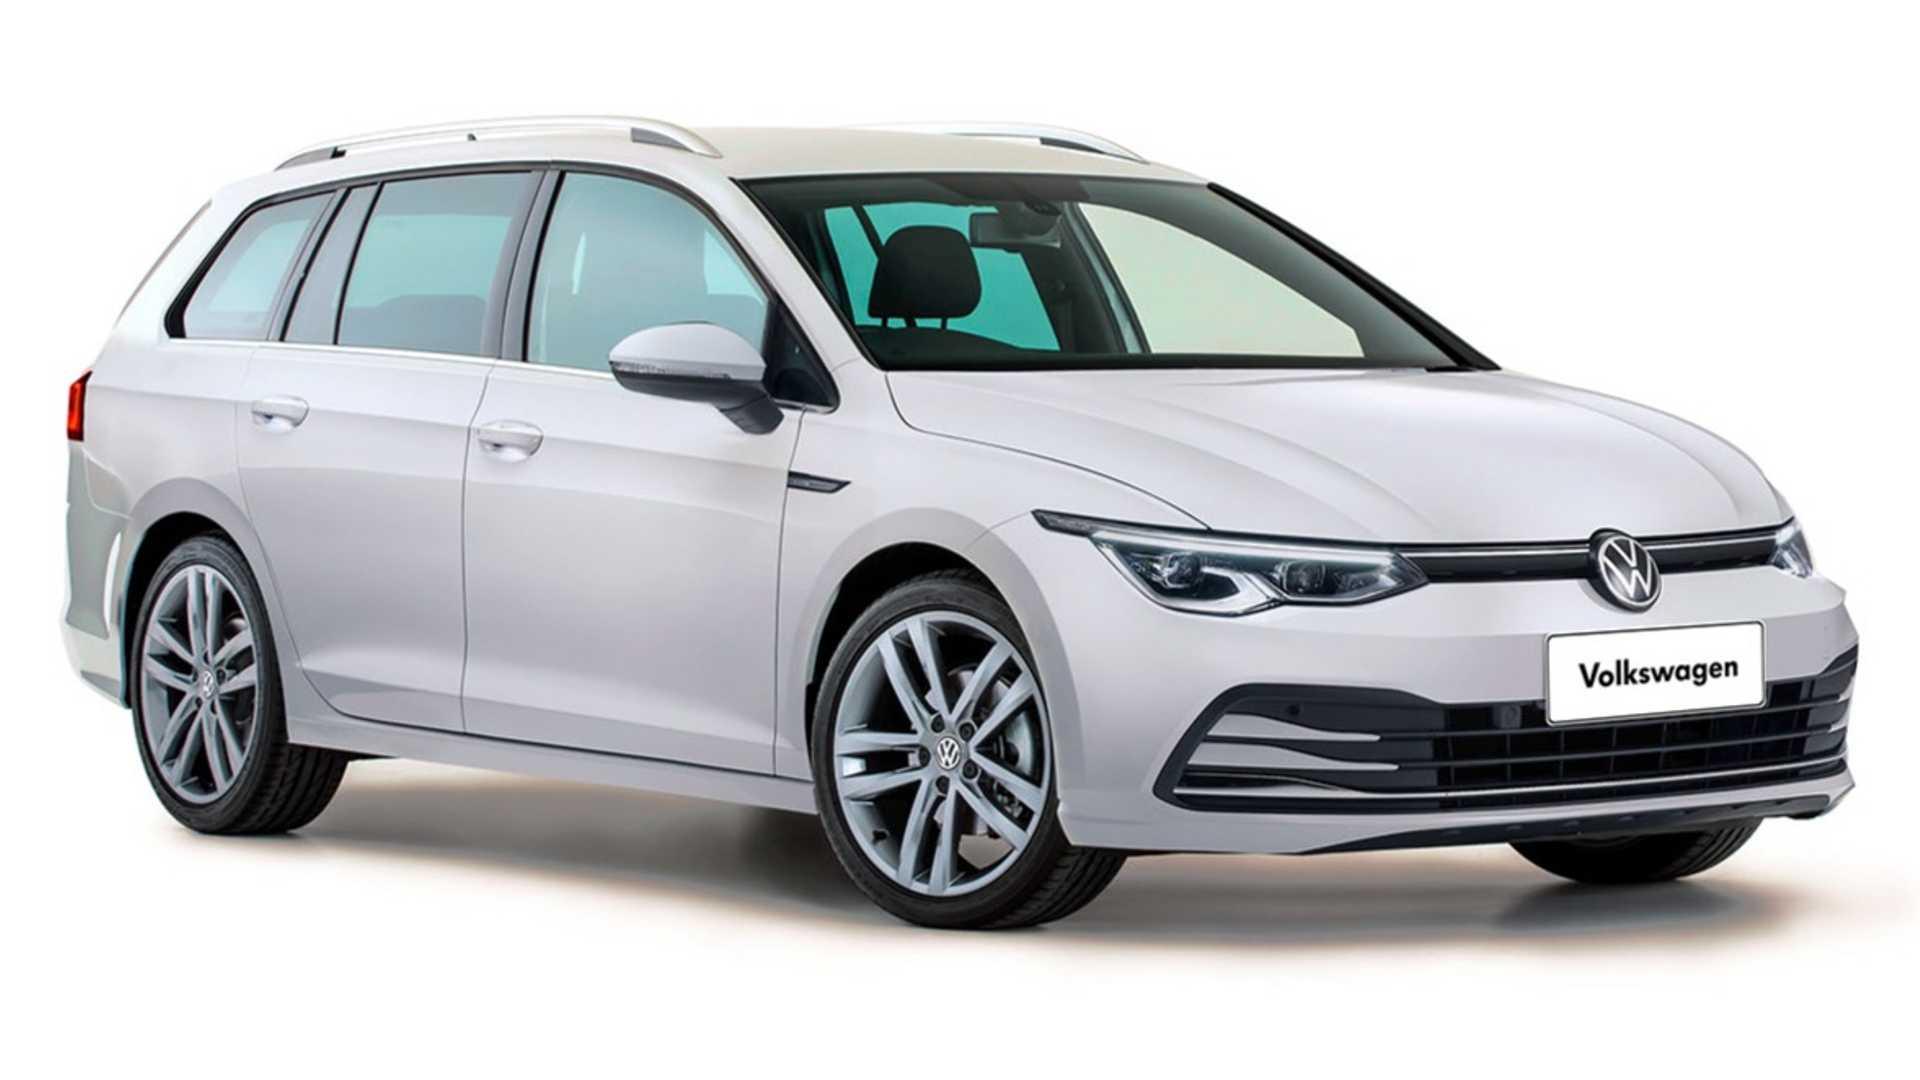 volkswagen-Golf-Variant-2020-rendering-1